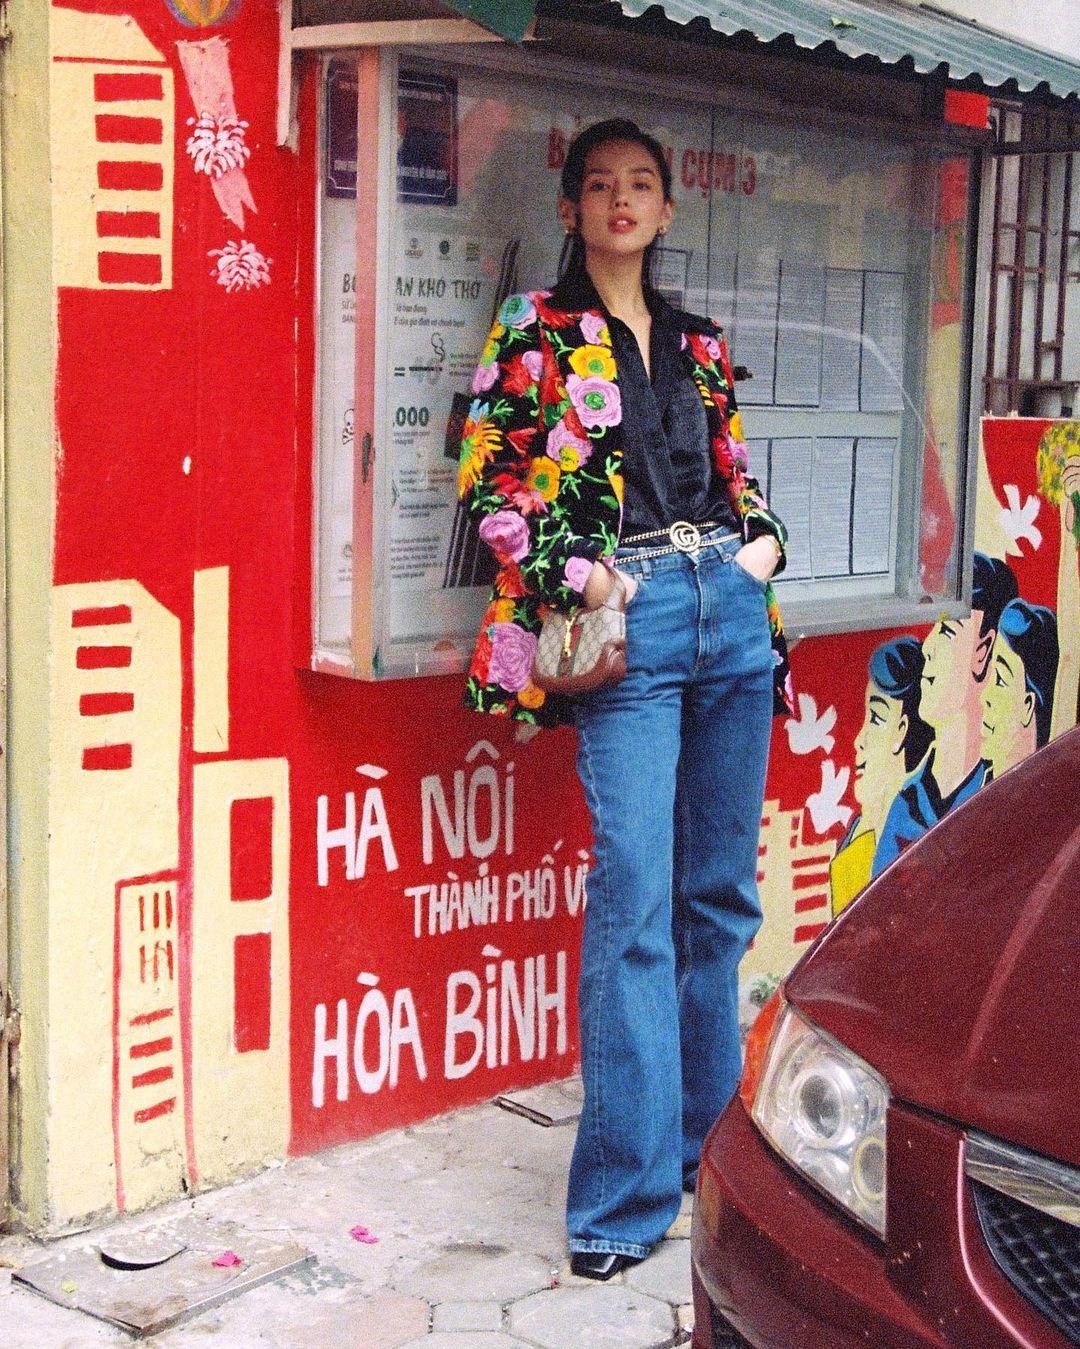 Học sao Việt - Hàn mix đồ hack dáng với quần cạp cao, muốn biến tấu theo phong cách nào cũng cân được tất! - Ảnh 3.